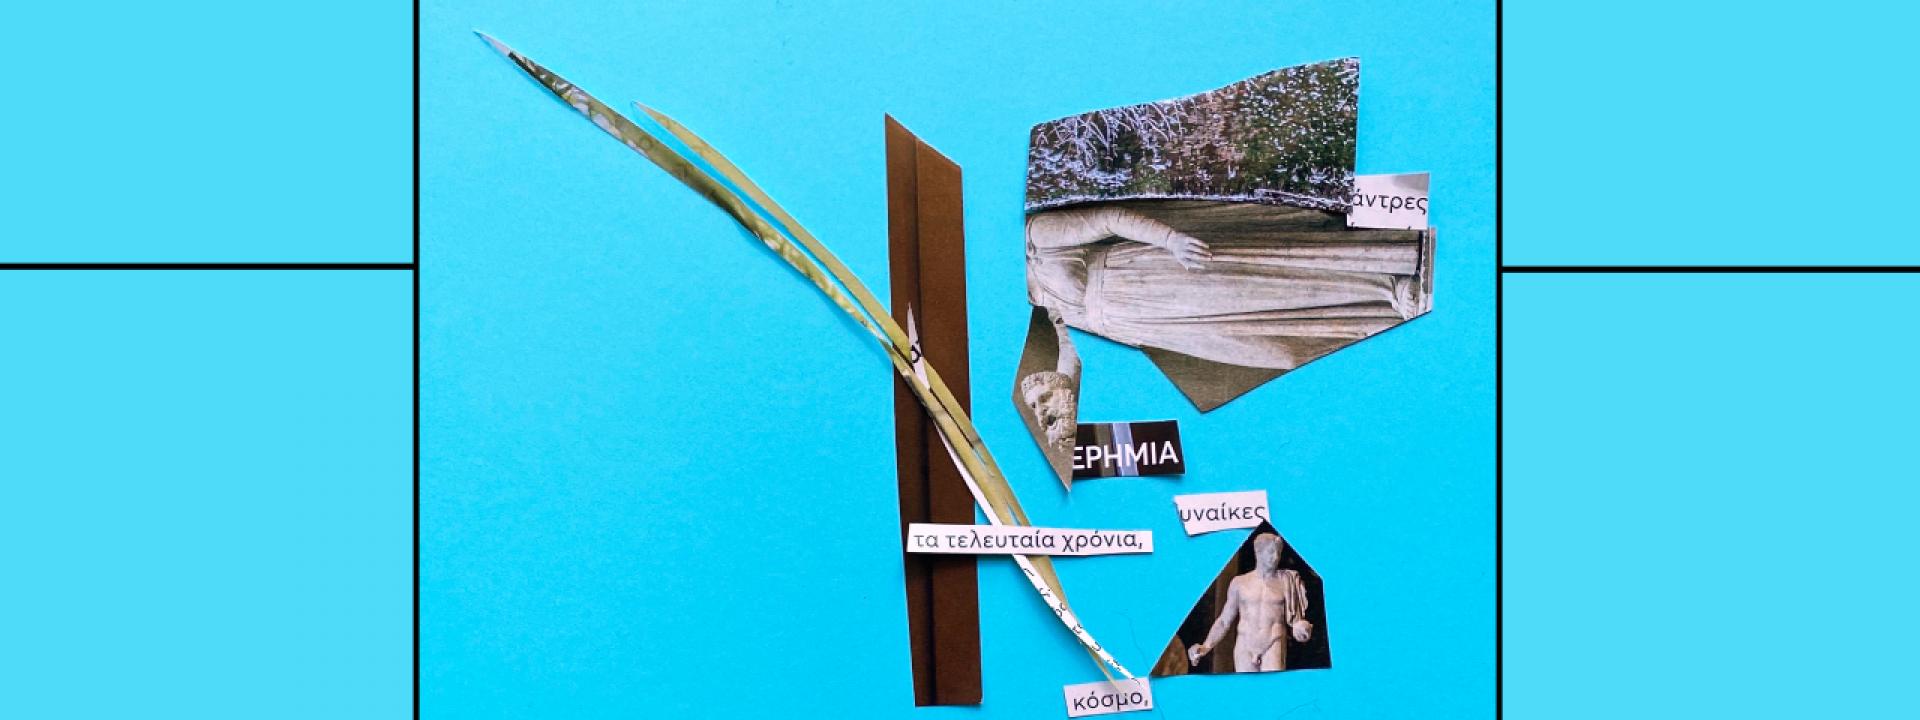 Εργαστήρι Κολάζ και Λογοτεχνίας: Από σελίδα σε σελίδα, από το ποίημα στο κολάζ - Ιούνιος - Εικόνα